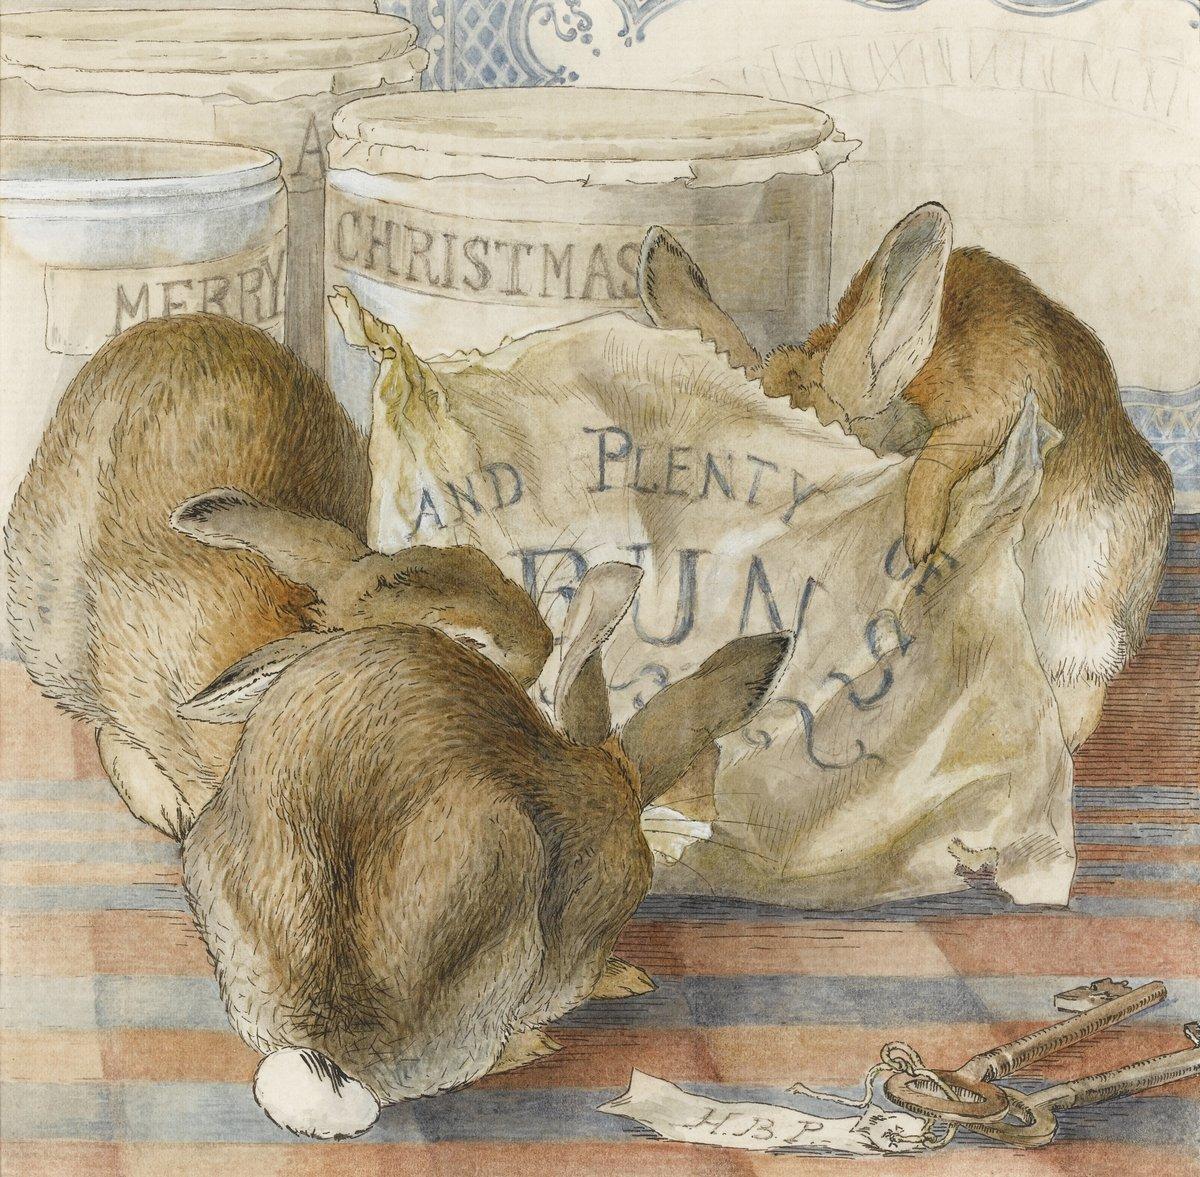 Искусство, картина Поттер Беатрикс, Три кролика едят булочки, 20x20 см, на бумагеСказка в живописи и графике<br>Постер на холсте или бумаге. Любого нужного вам размера. В раме или без. Подвес в комплекте. Трехслойная надежная упаковка. Доставим в любую точку России. Вам осталось только повесить картину на стену!<br>